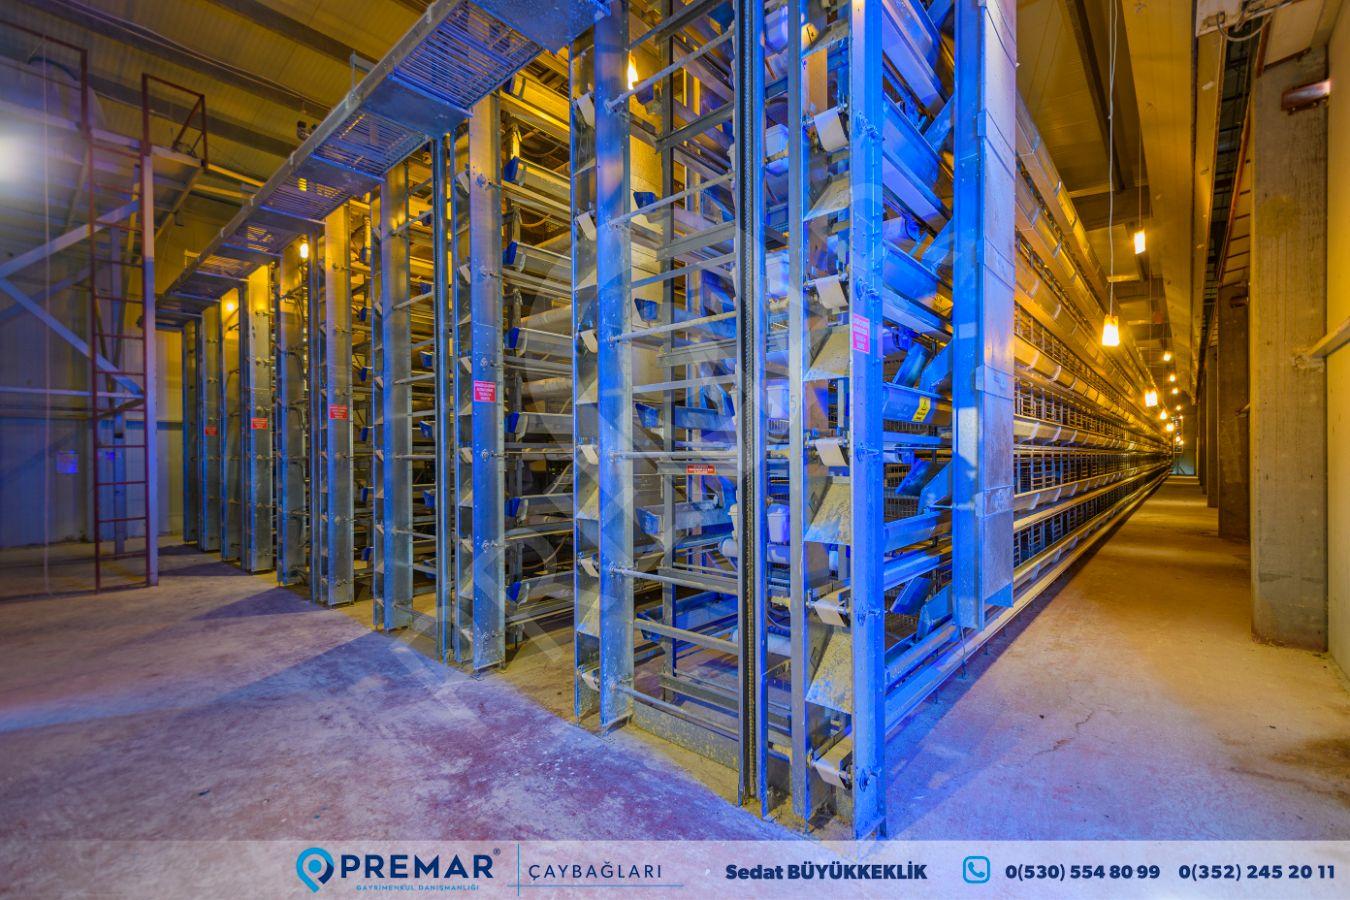 Premar'dan Satılık Son Teknoloji Yumurta Üretim Çiftliği